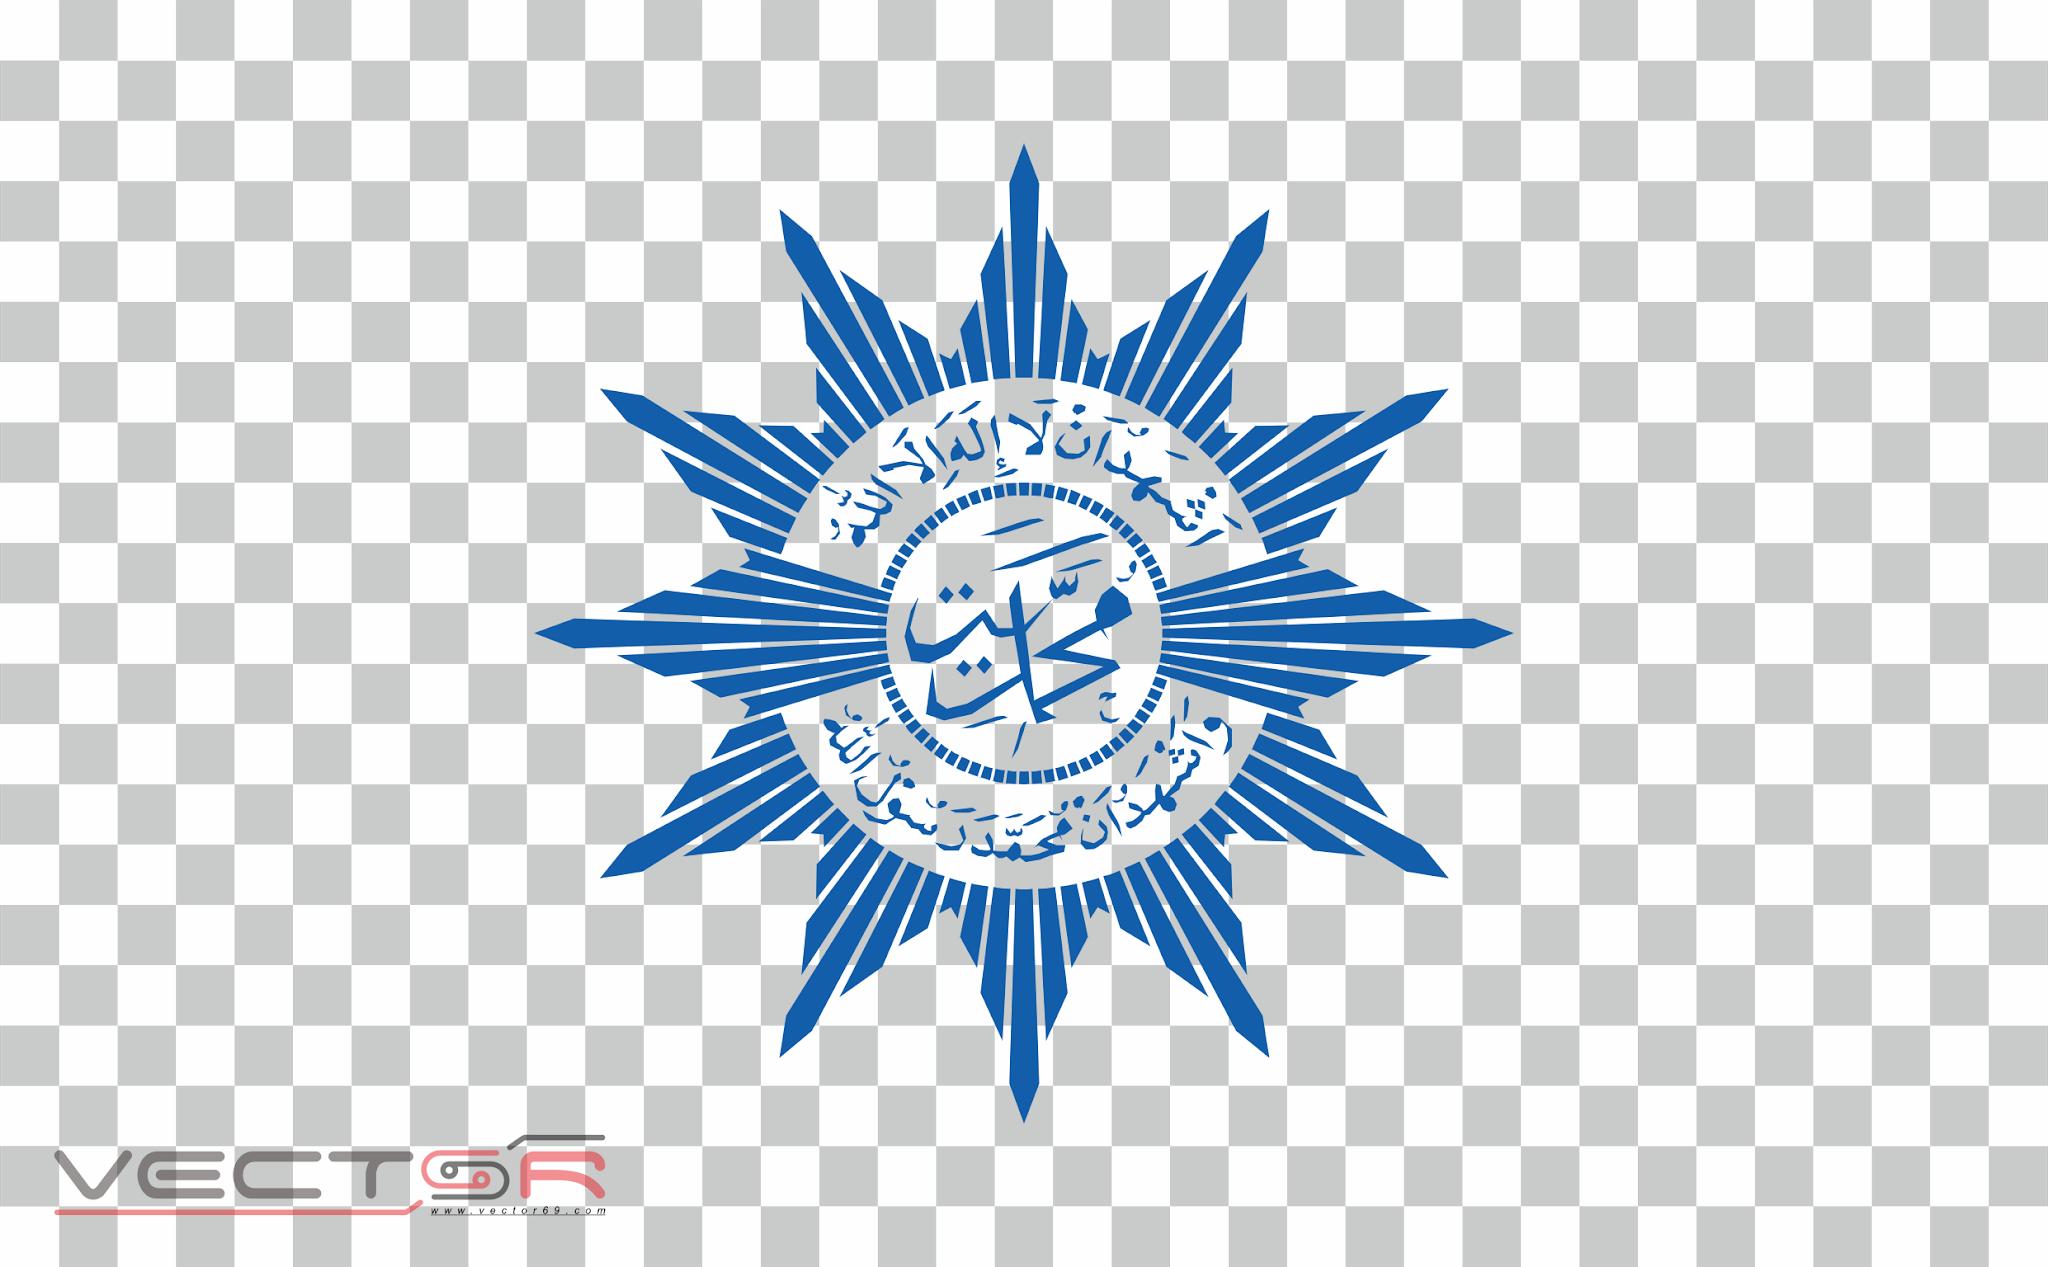 Muhammadiyah Logo - Download Vector File PNG (Portable Network Graphics)